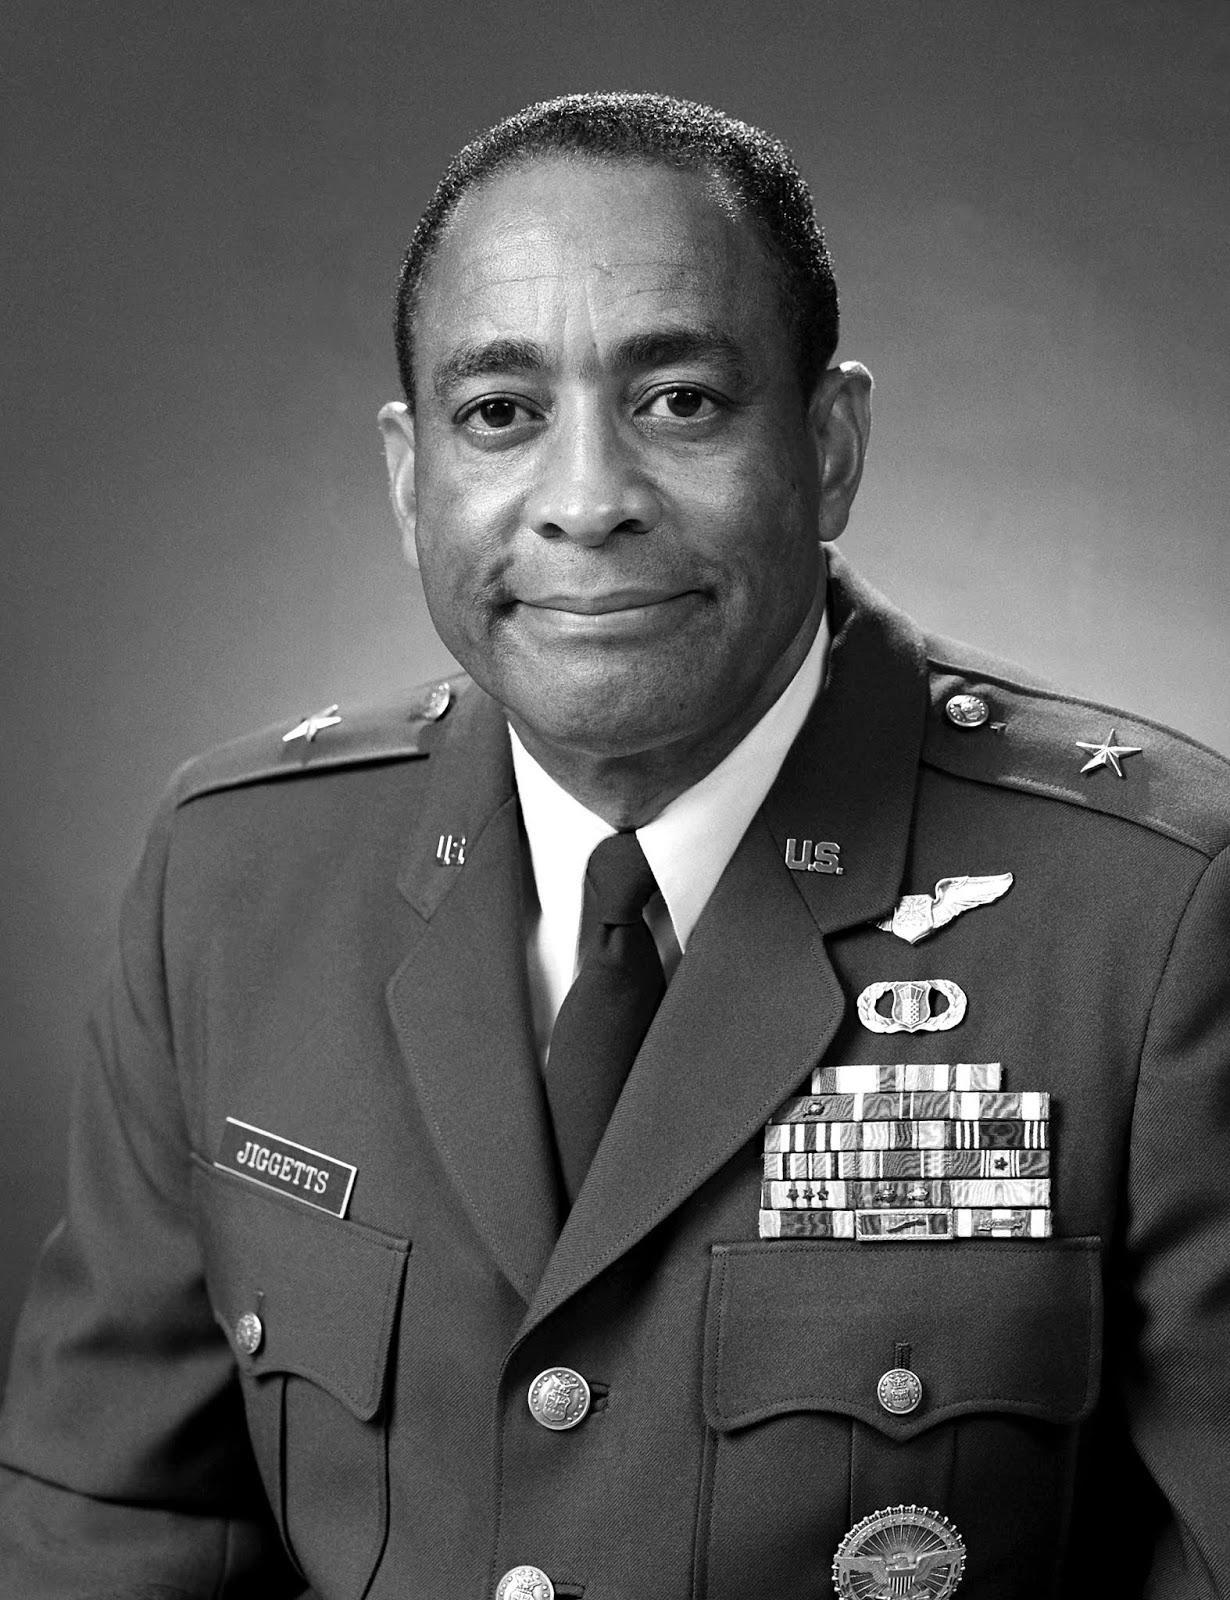 Charles B. Jiggetts